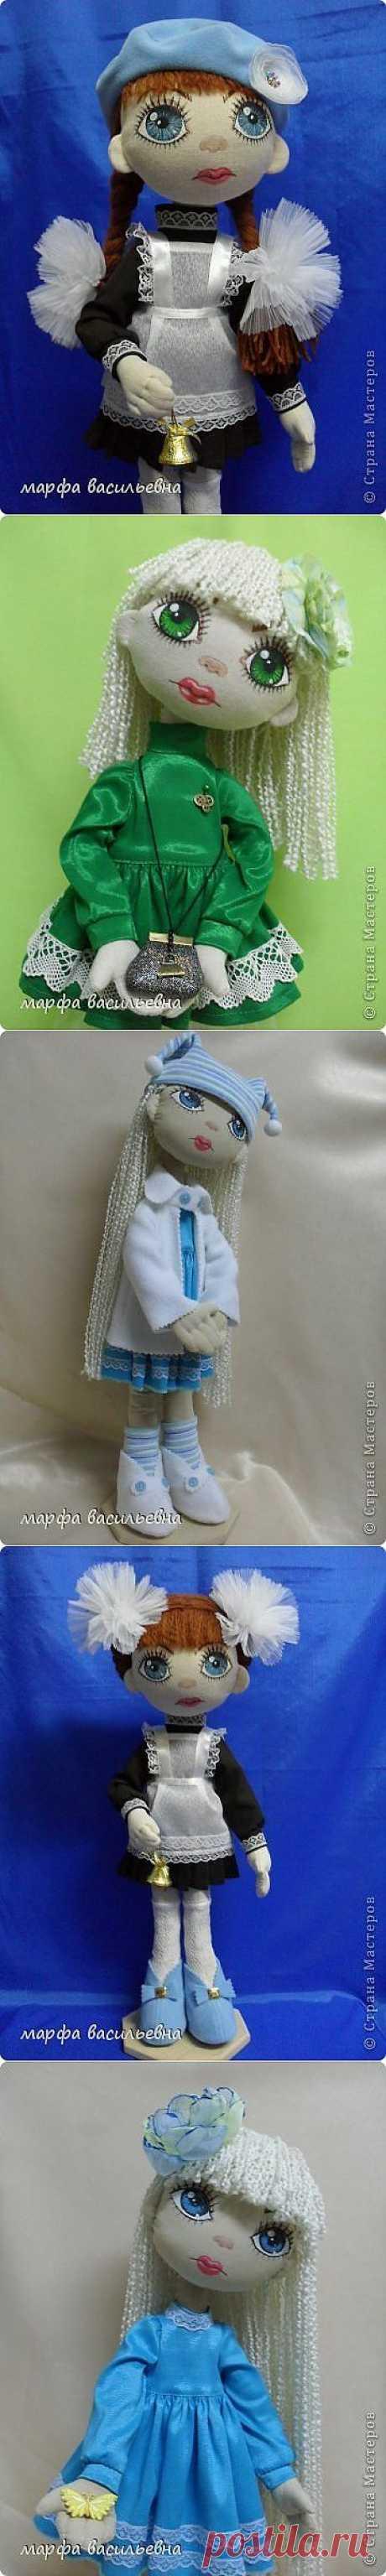 Текстильные куклы от Марфы Васильевны. Мастер-класс.